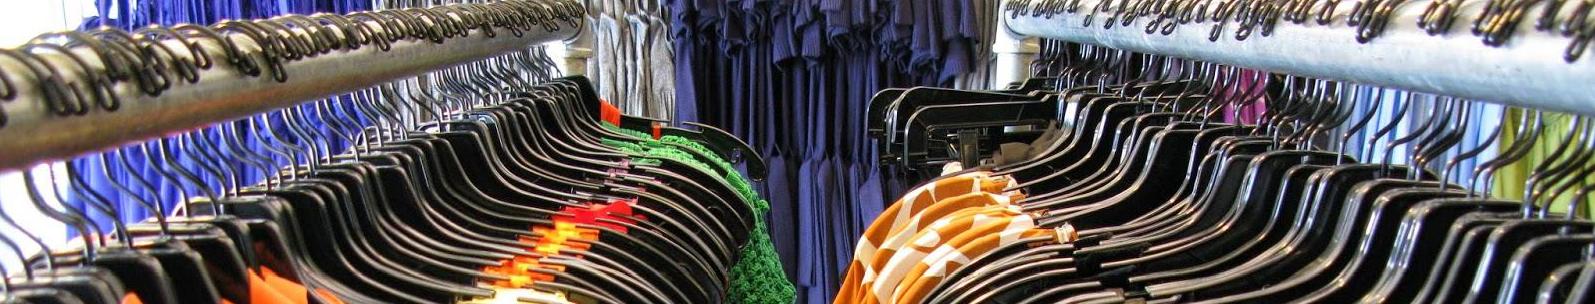 Thrift Shop – 02/01/2020